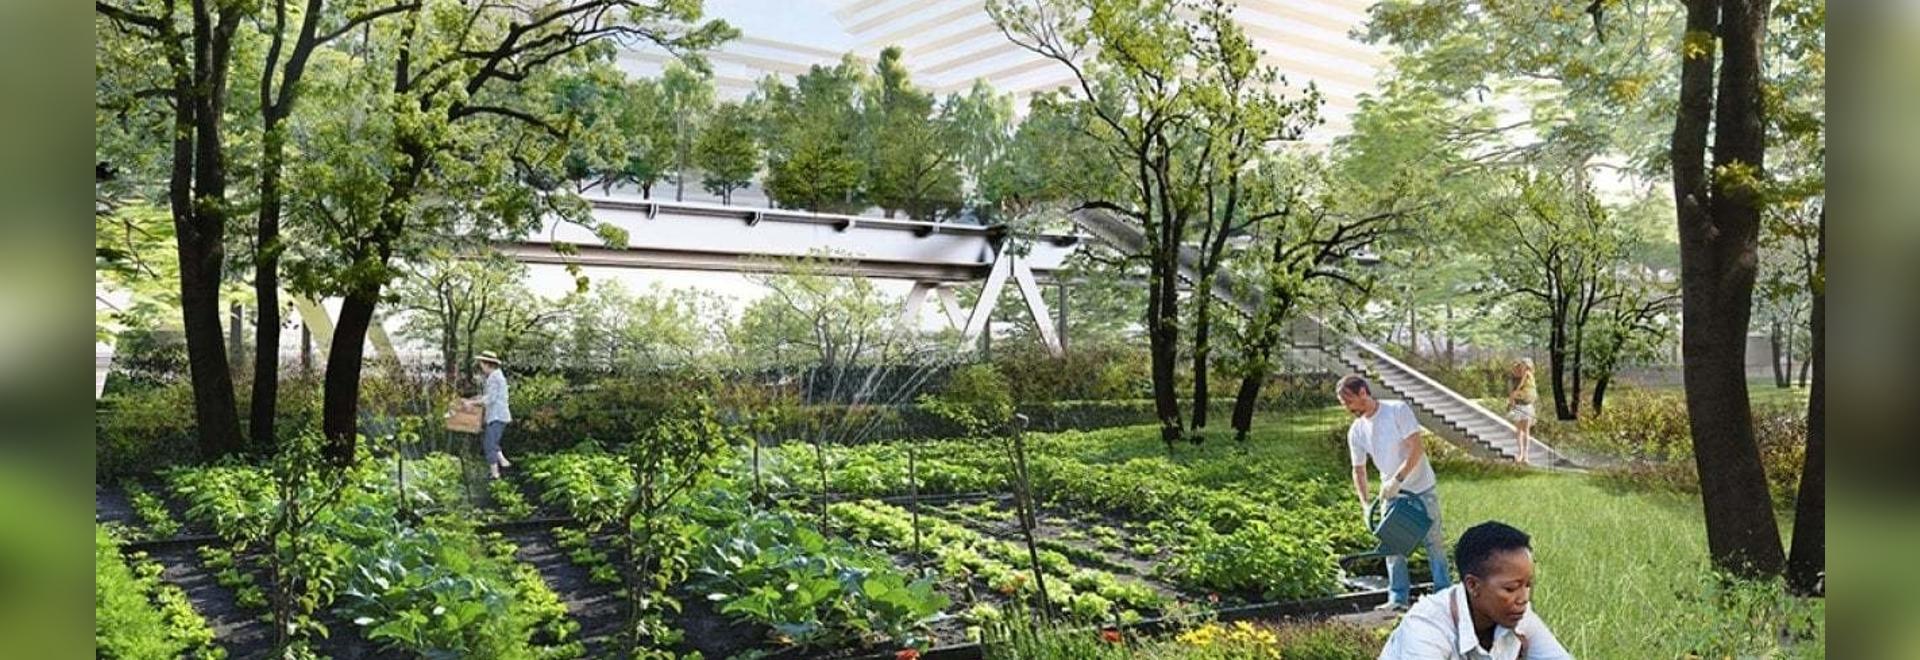 ecozone : jardin communautaire